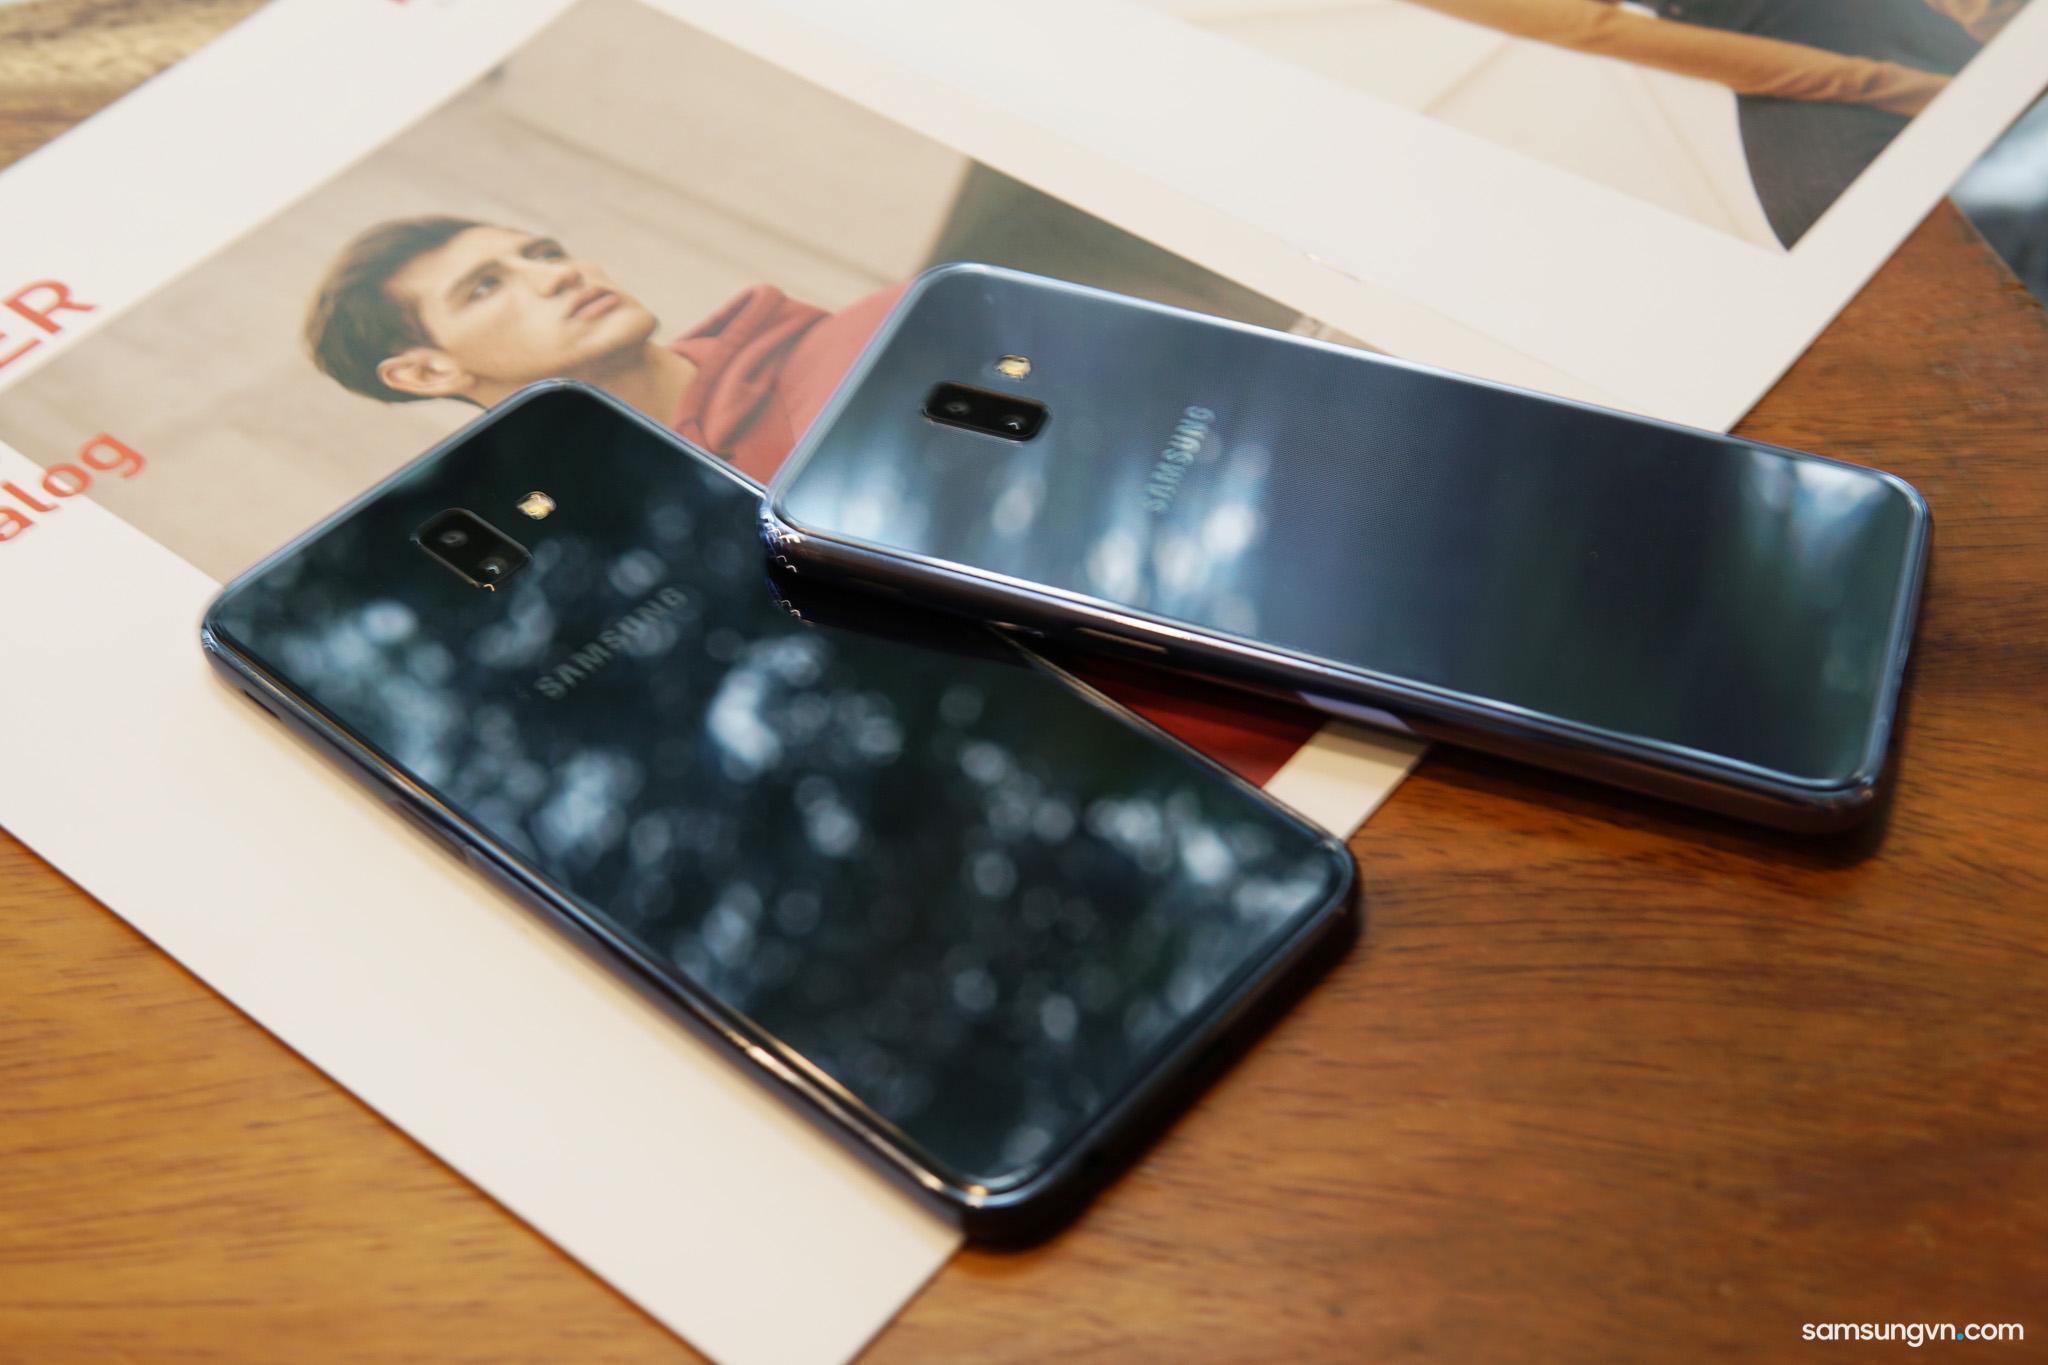 Trên tay Galaxy J6+: thiết kế đẹp cùng camera kép xóa phông